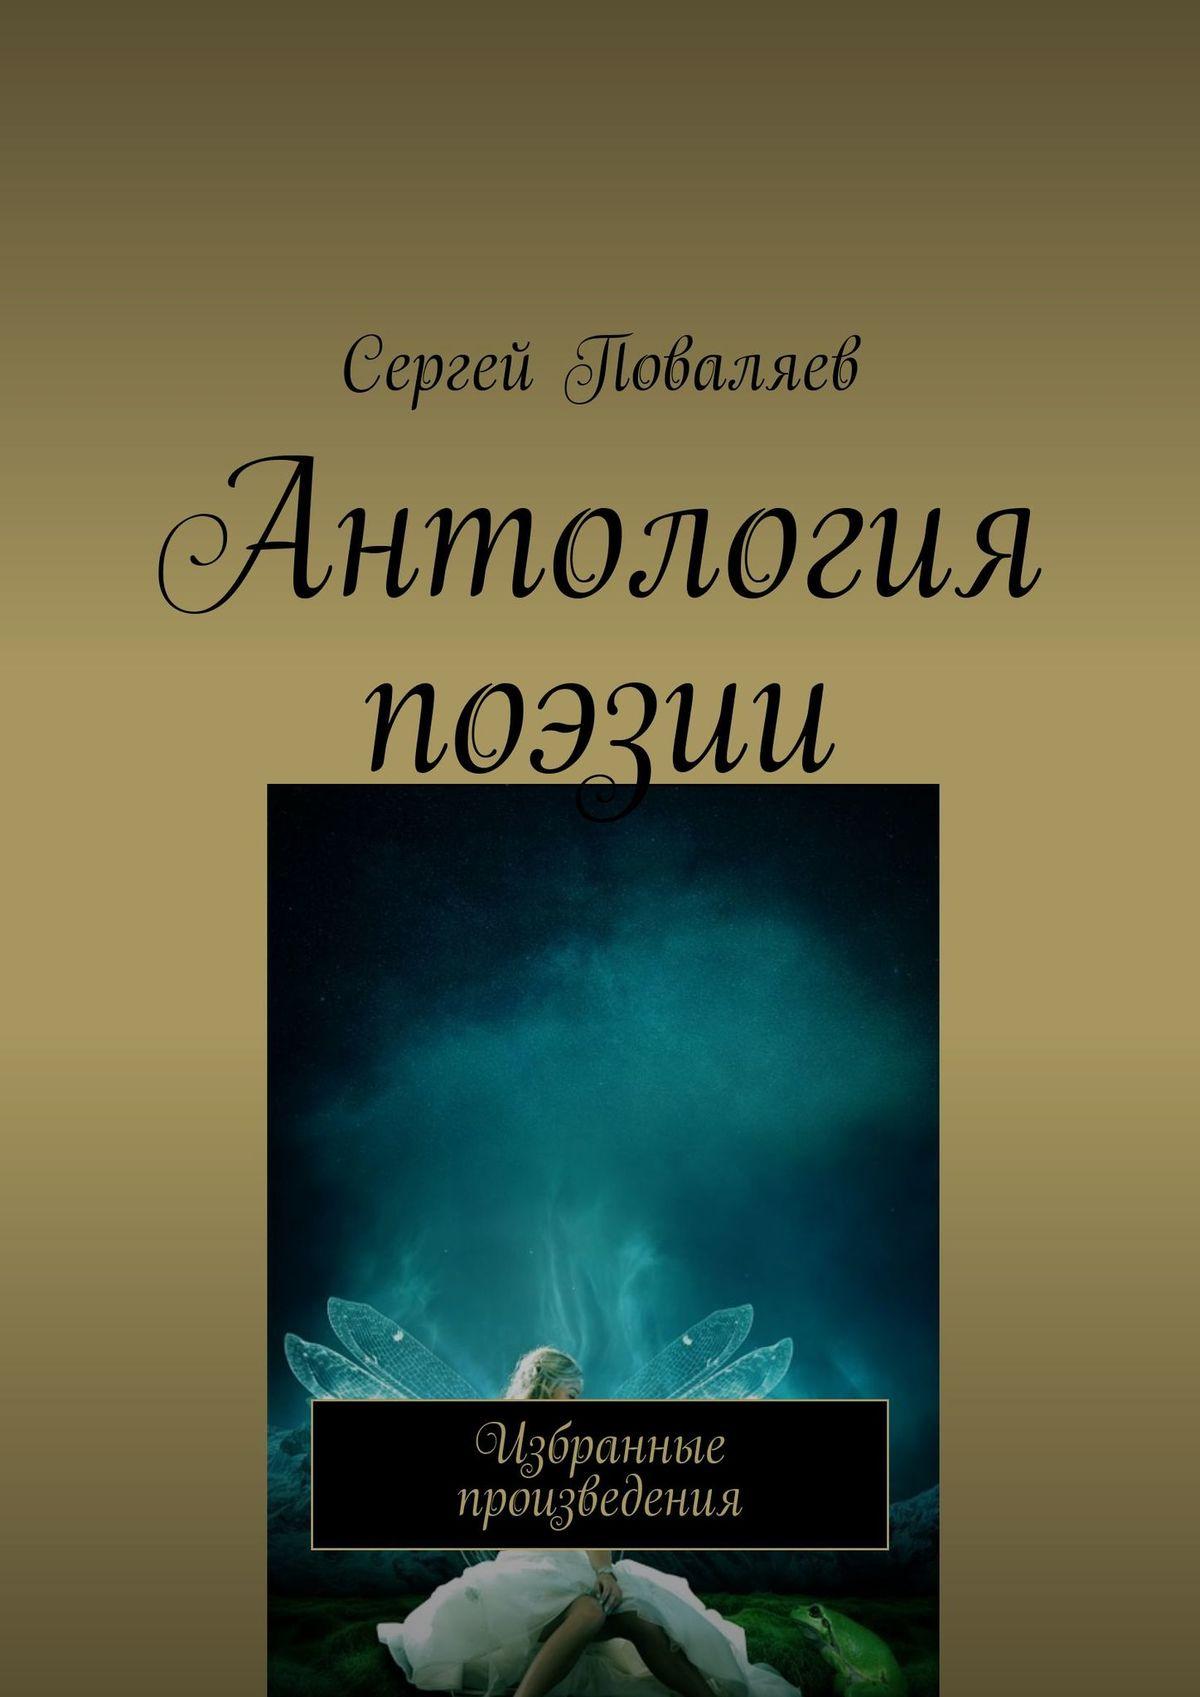 Сергей Поваляев Антология поэзии. Избранные произведения сосэки нацумэ избранные произведения